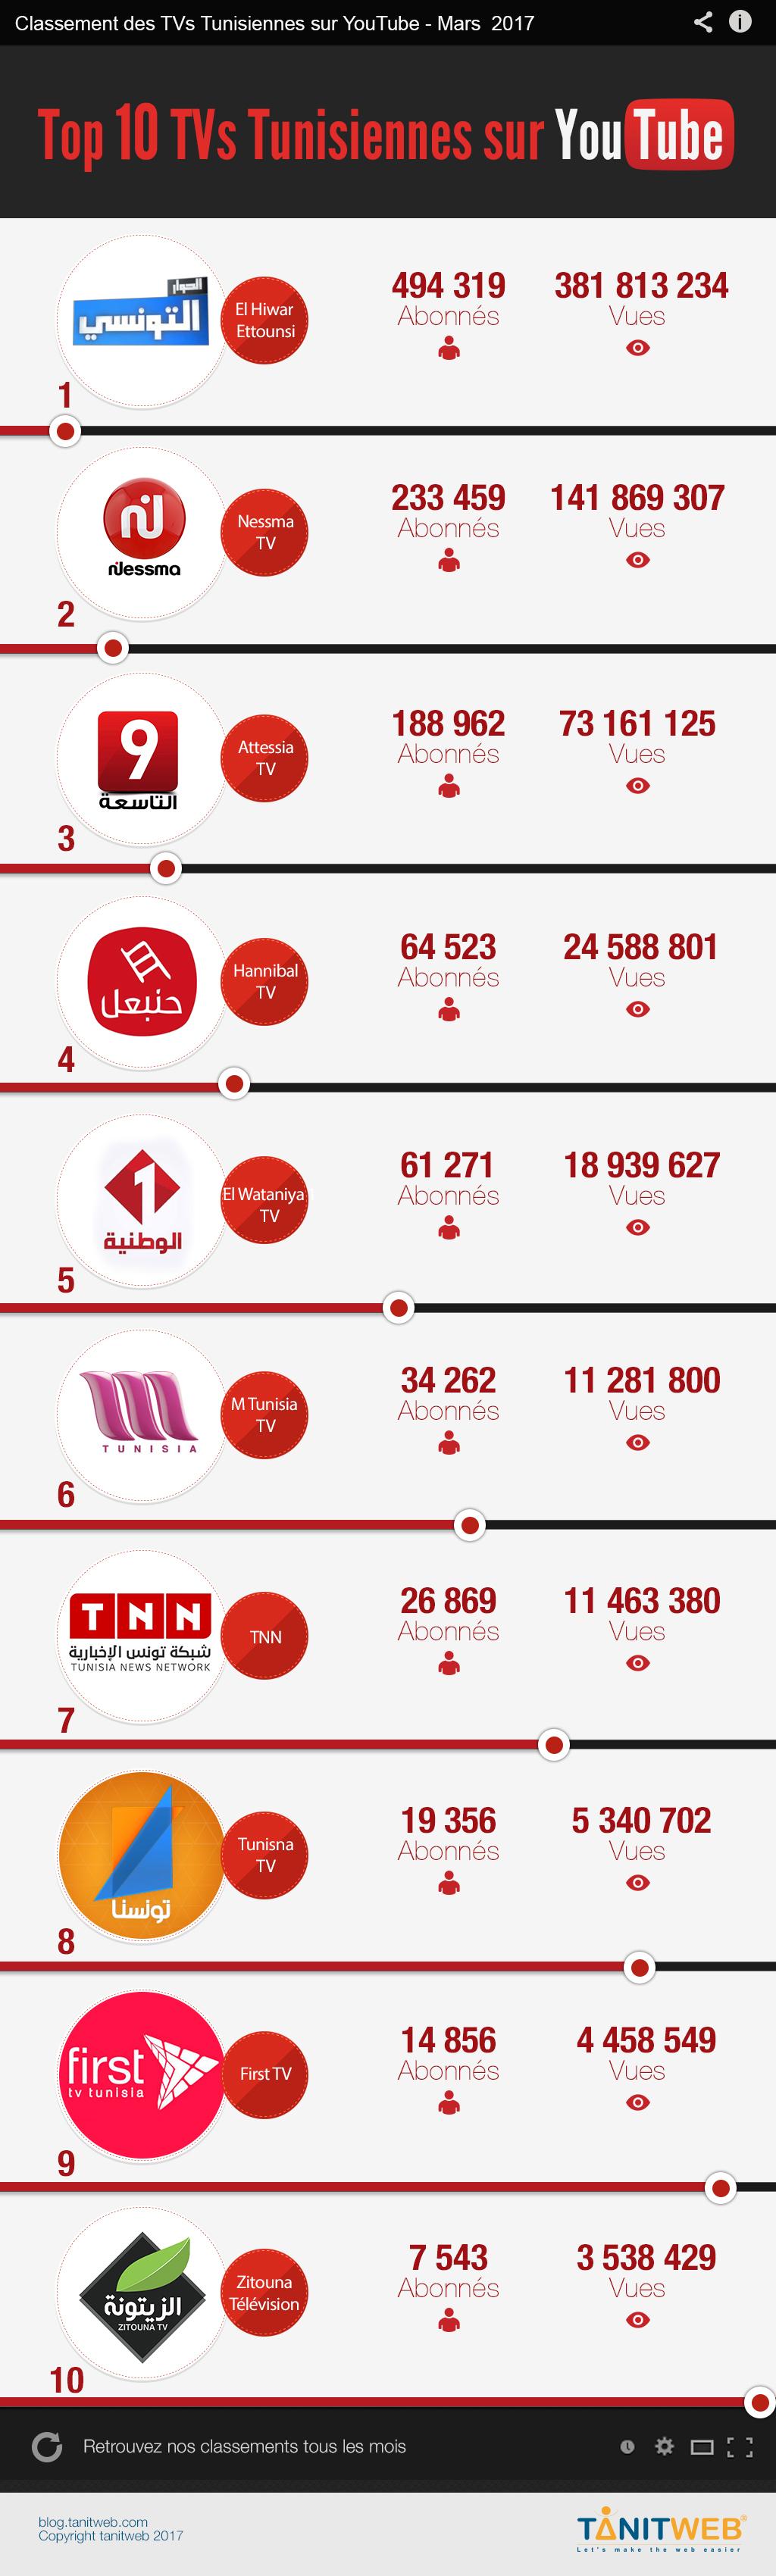 Mars 2017: Classement des TVs Tunisiennes sur YouTube